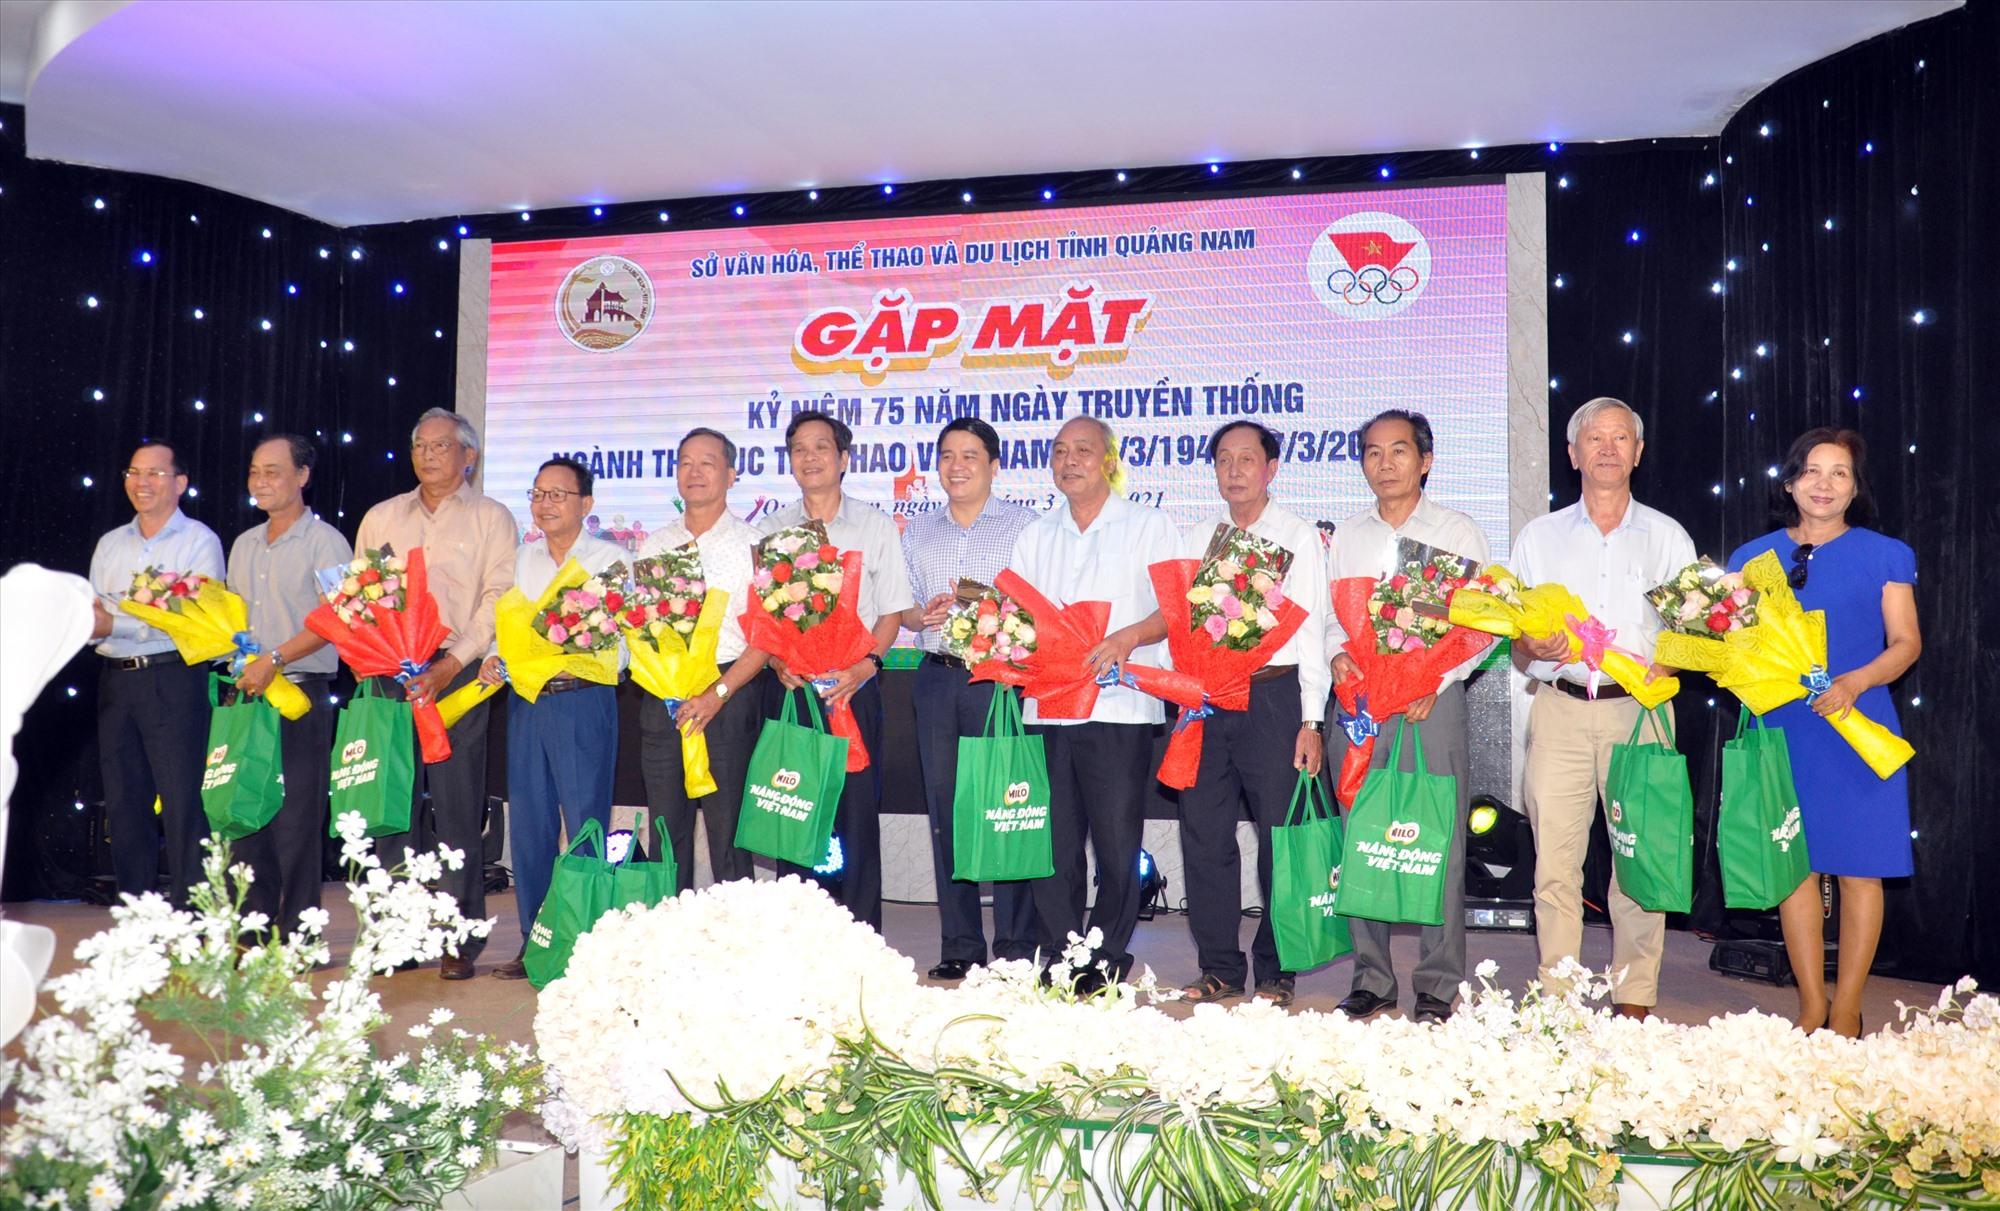 Tặng quà kỷ niệm lãnh đạo ngành TD-TT qua các thời kỳ tại buổi gặp mặt kỷ niệm 75 năm ngày Thể thao Việt Nam. Ảnh: A.SẮC